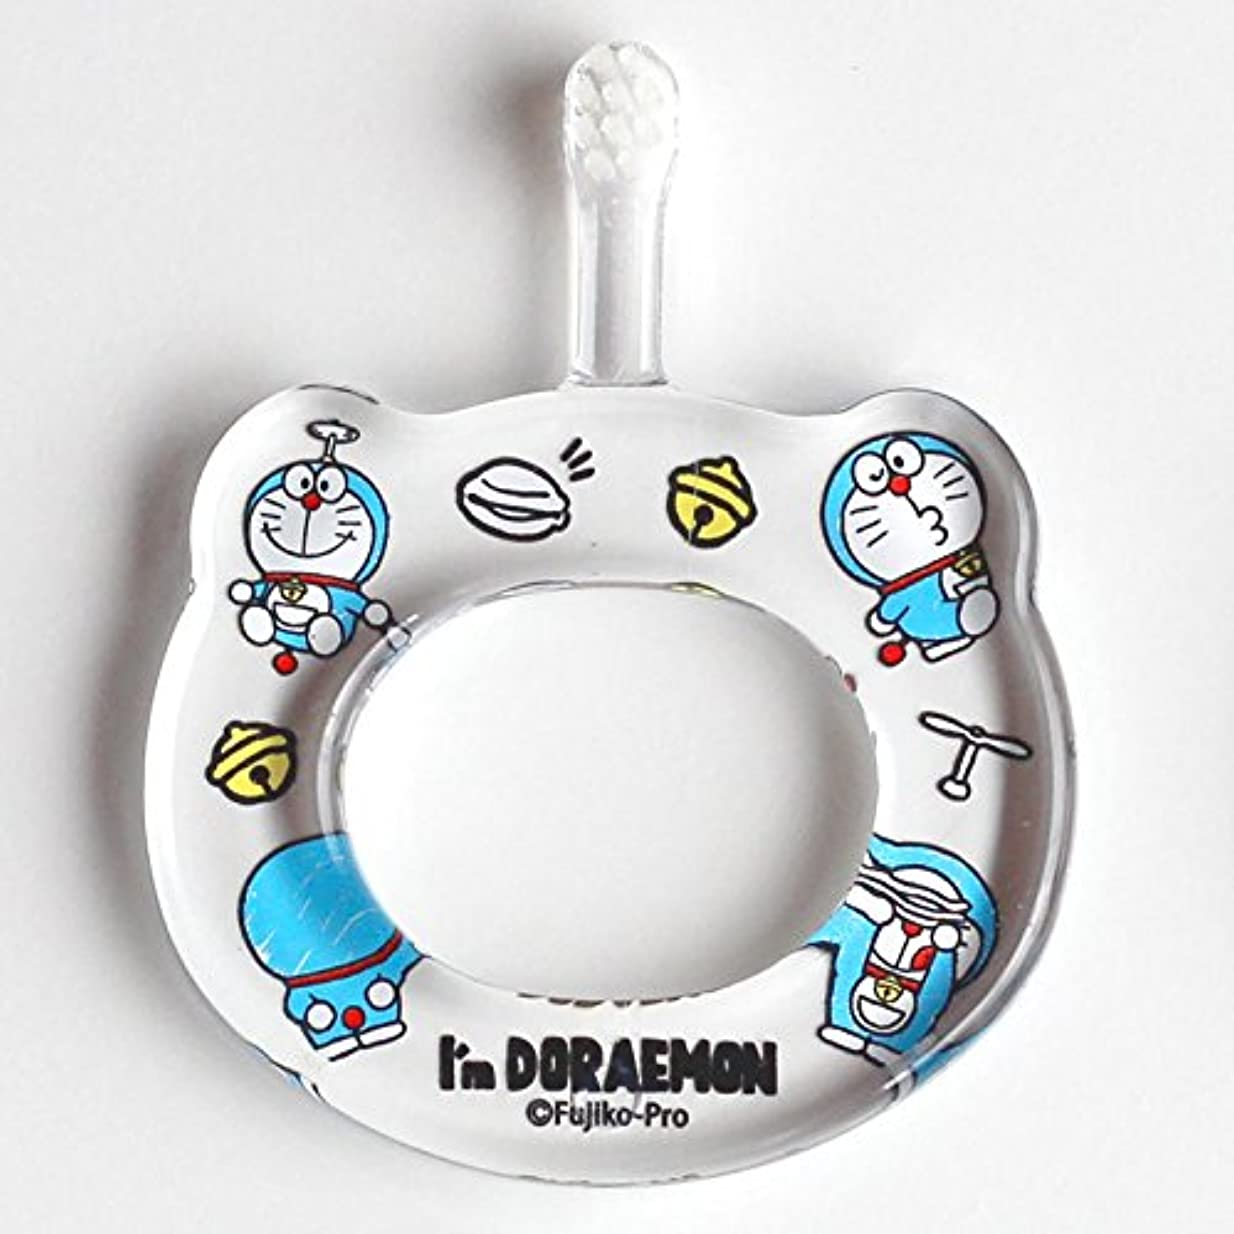 アリ天皇危険なHAMICO ベビー歯ブラシ(キャラクター限定商品) ワンサイズ ドラえもん